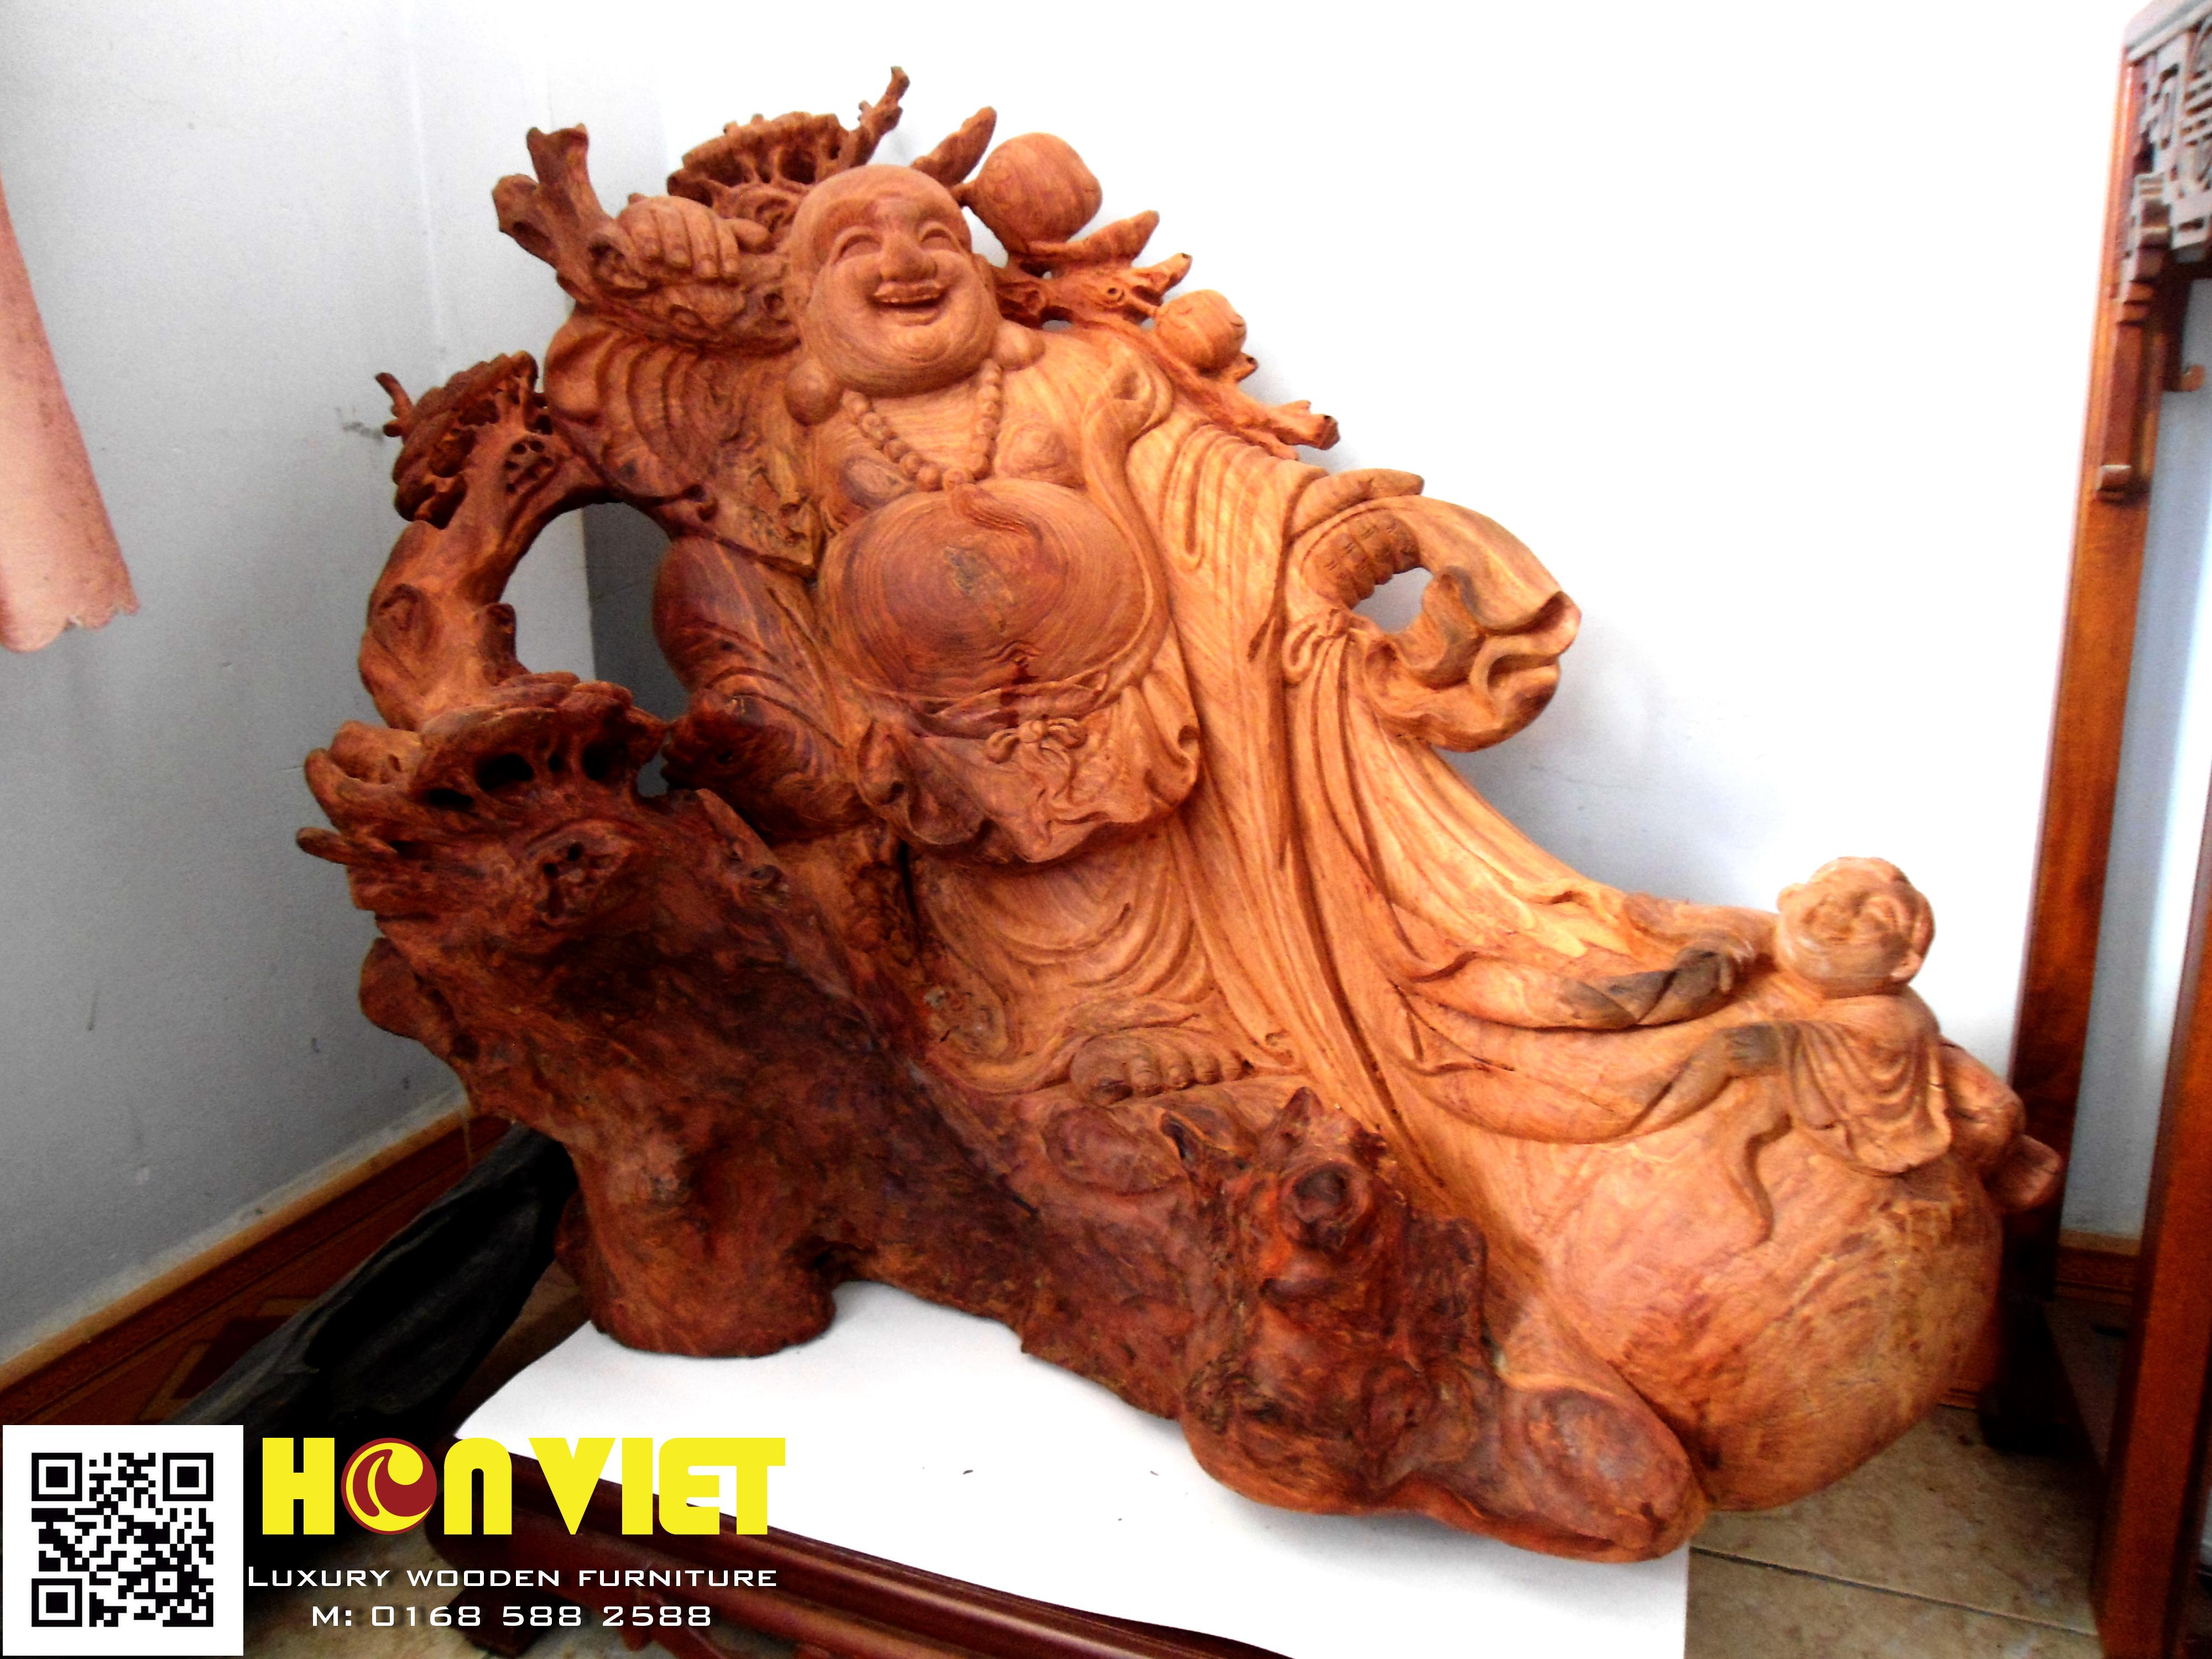 tuong-go-kham-xa-cu-hon-viet